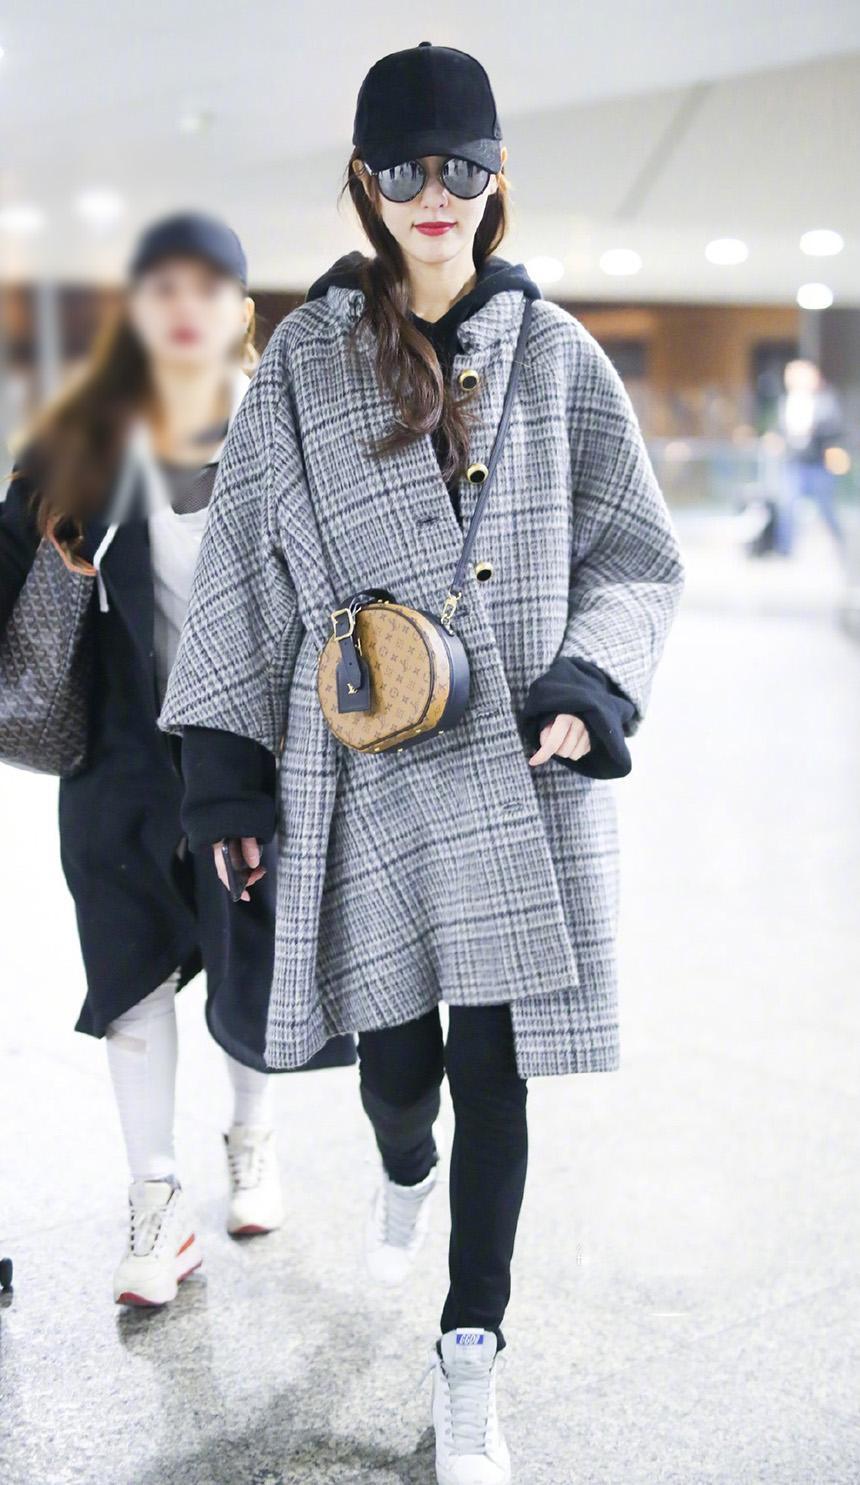 帽衫, 冬季衣橱里的完美内搭单品, 保暖时尚又潮范!